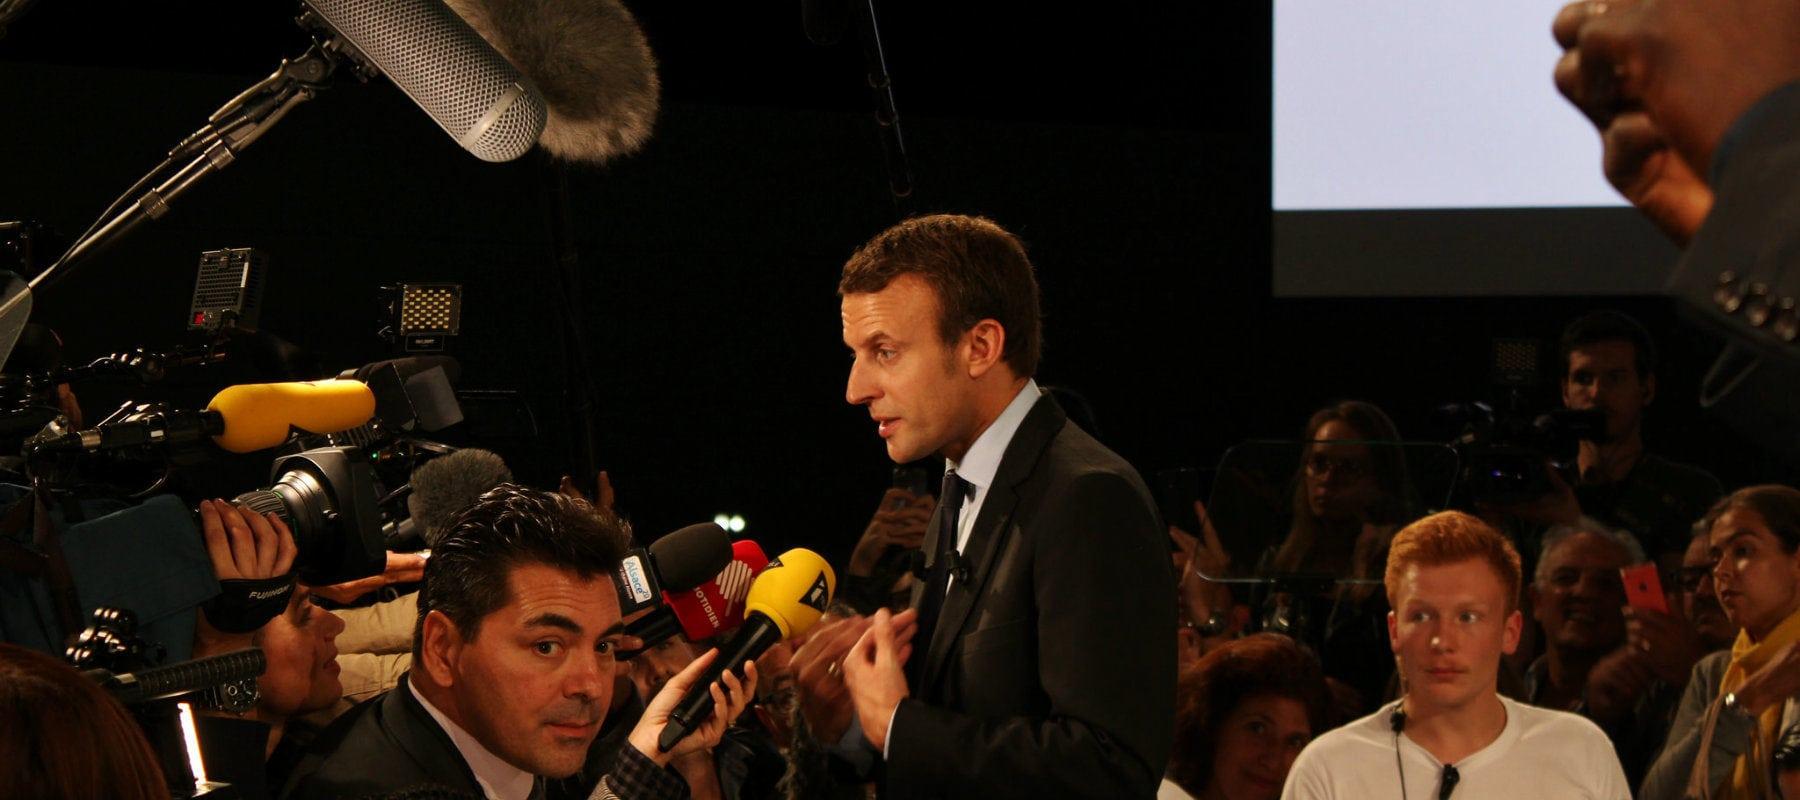 Désaccords au sein du PS bas-rhinois sur la ligne à tenir vis-à-vis d'Emmanuel Macron